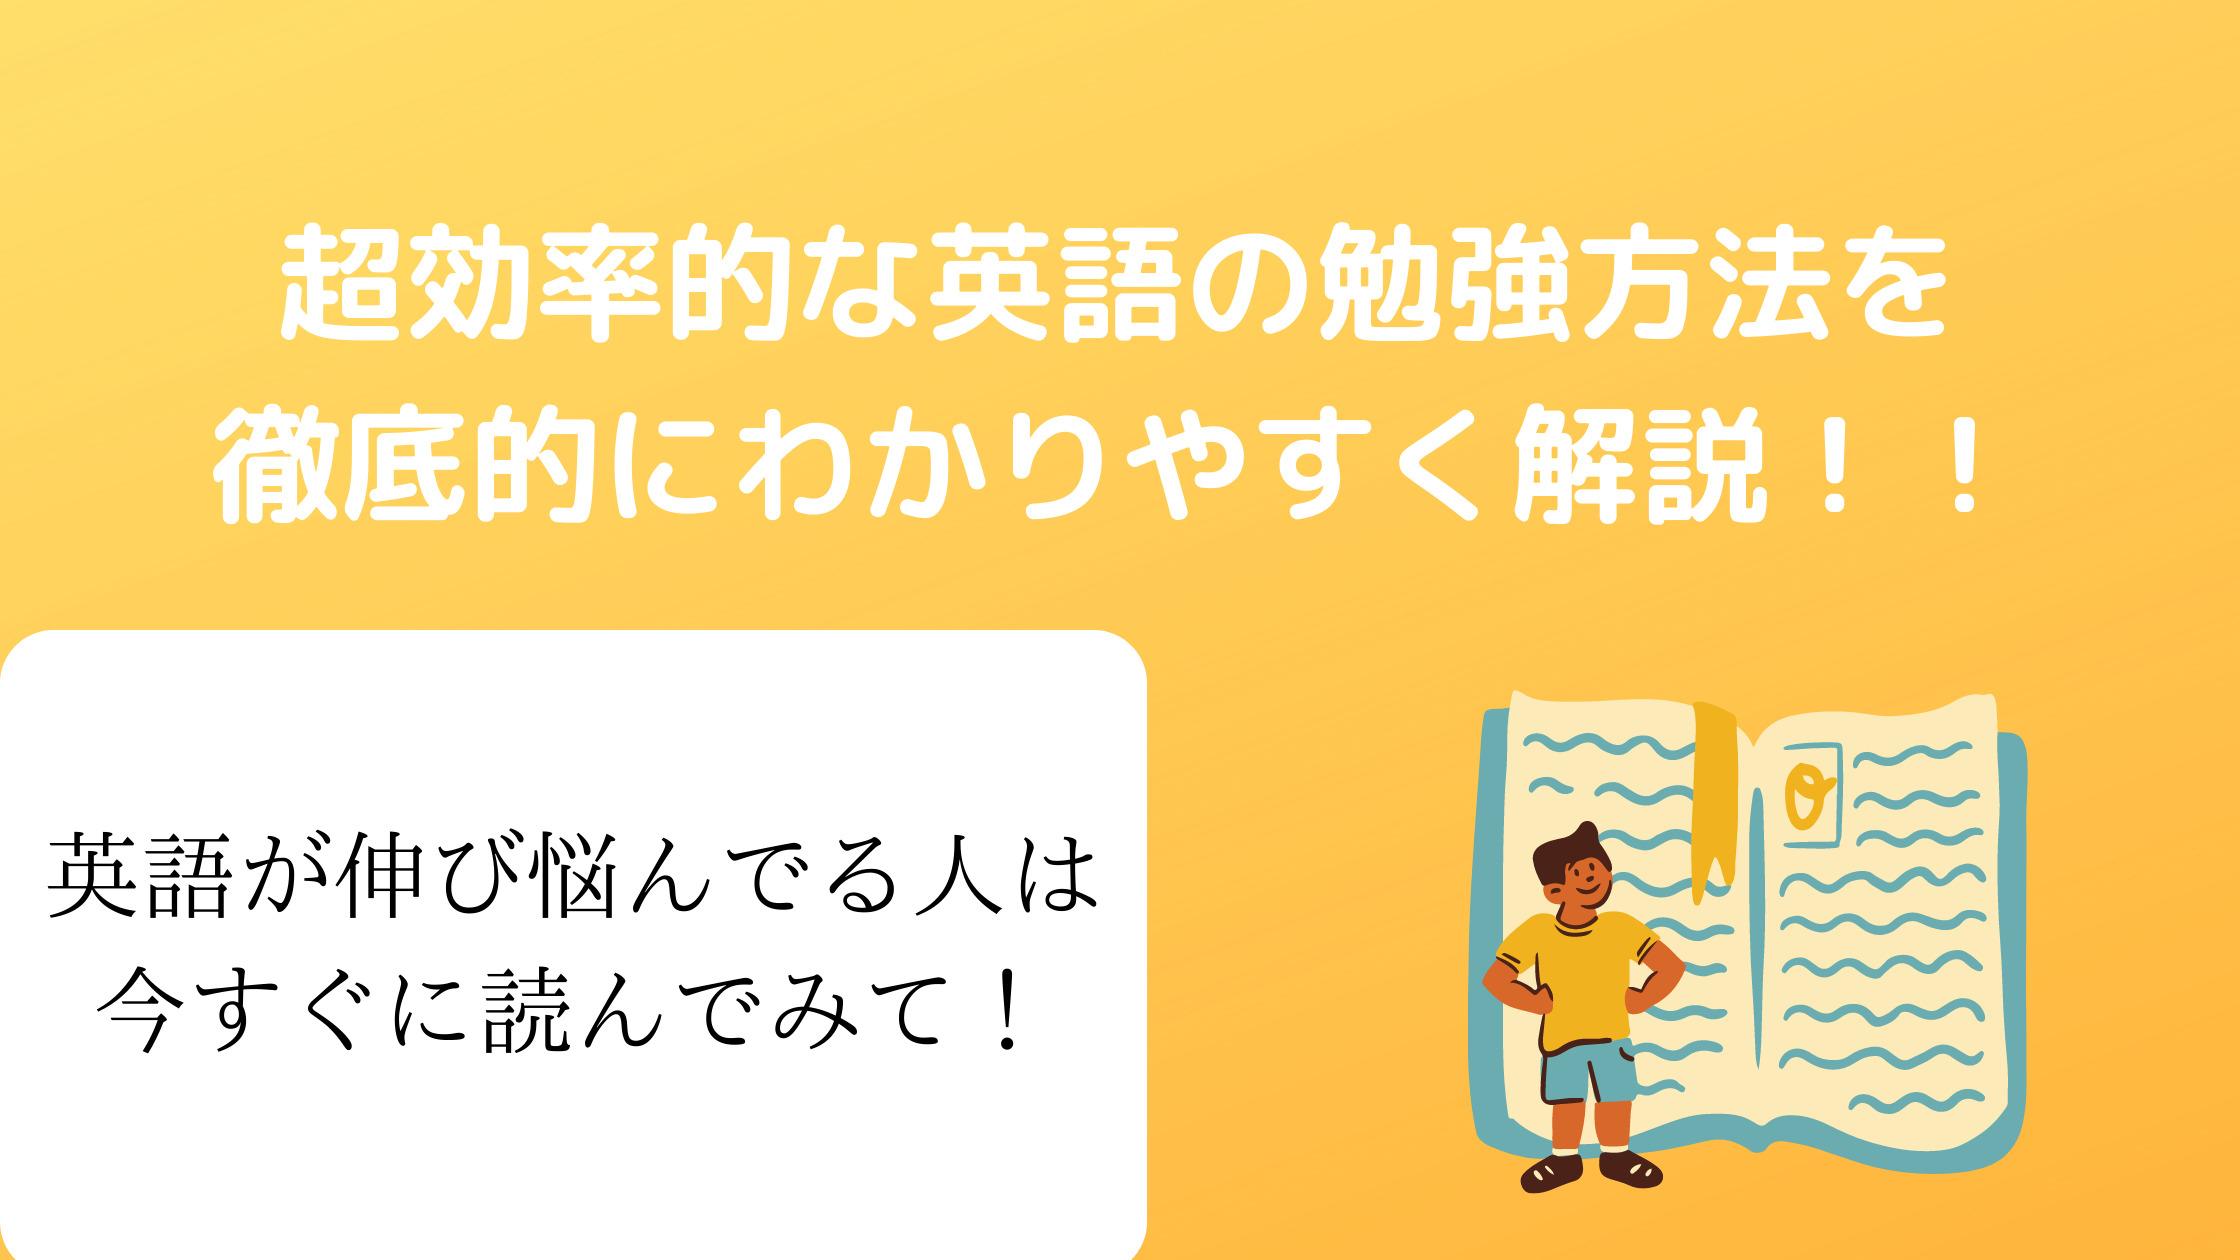 【4技能対応】超効率的な英語の勉強方法を徹底的にわかりやすく解説!!